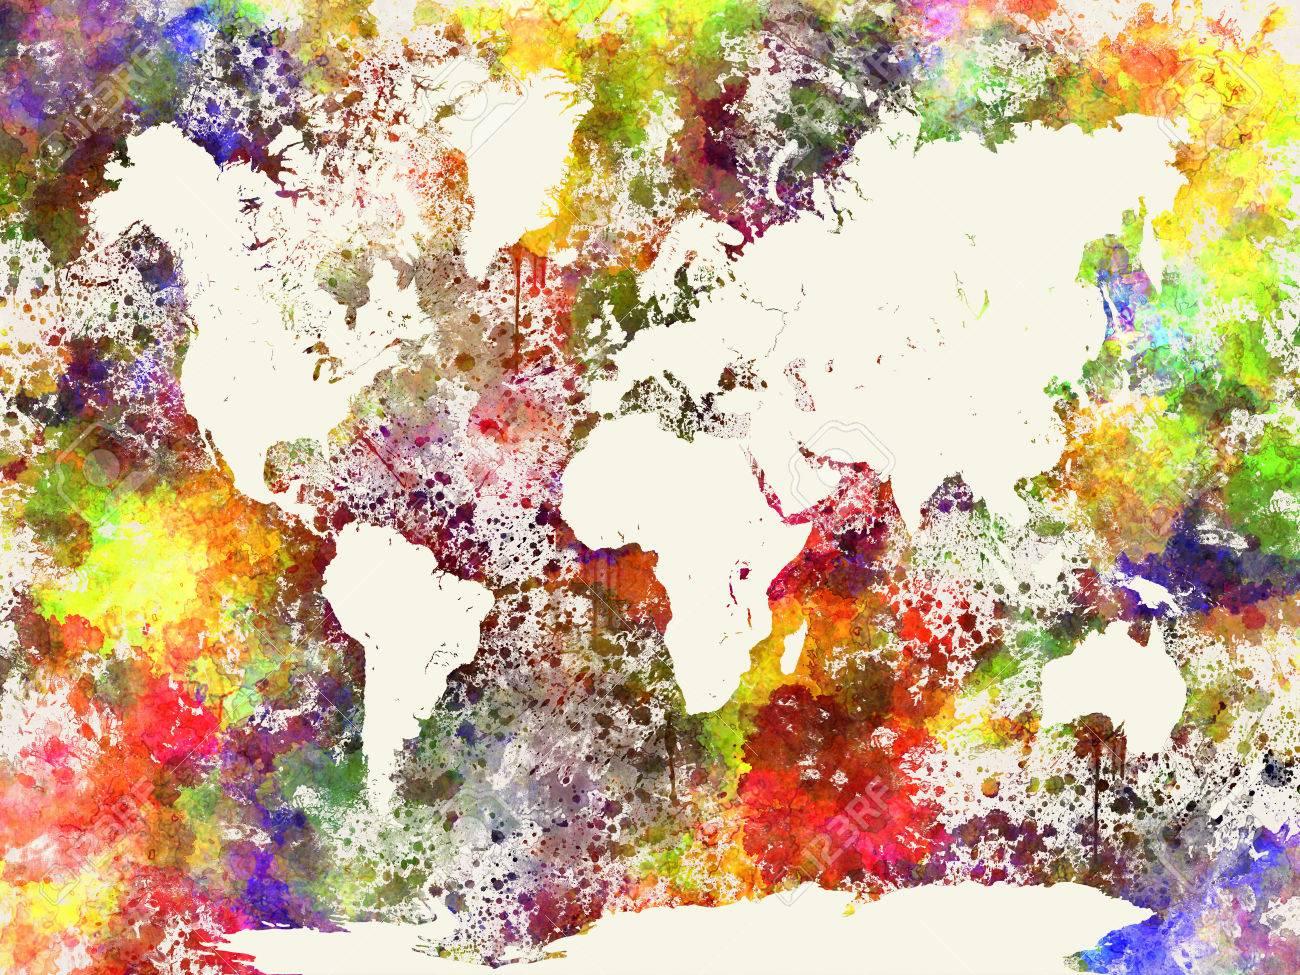 Carte Du Monde Dans La Peinture Abstraite D Aquarelle Eclaboussures Banque D Images Et Photos Libres De Droits Image 41960190